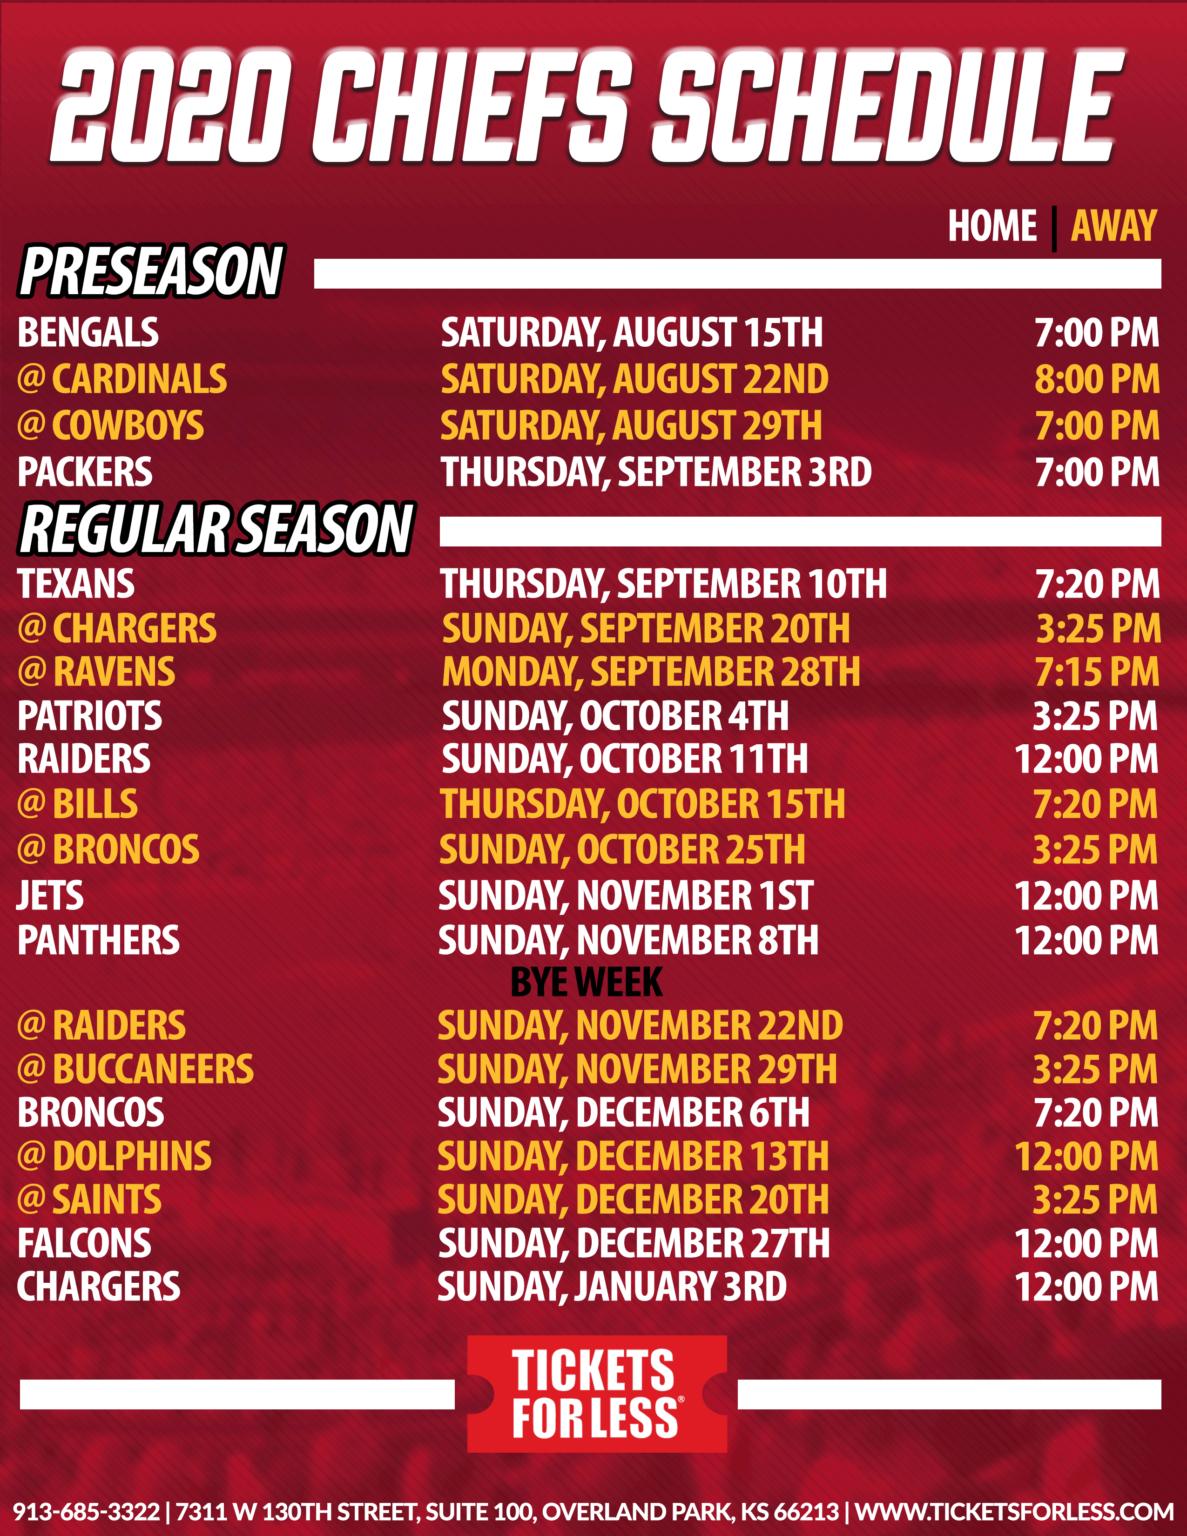 Chiefs Printable Schedule - Kansas City Chiefs Schedule